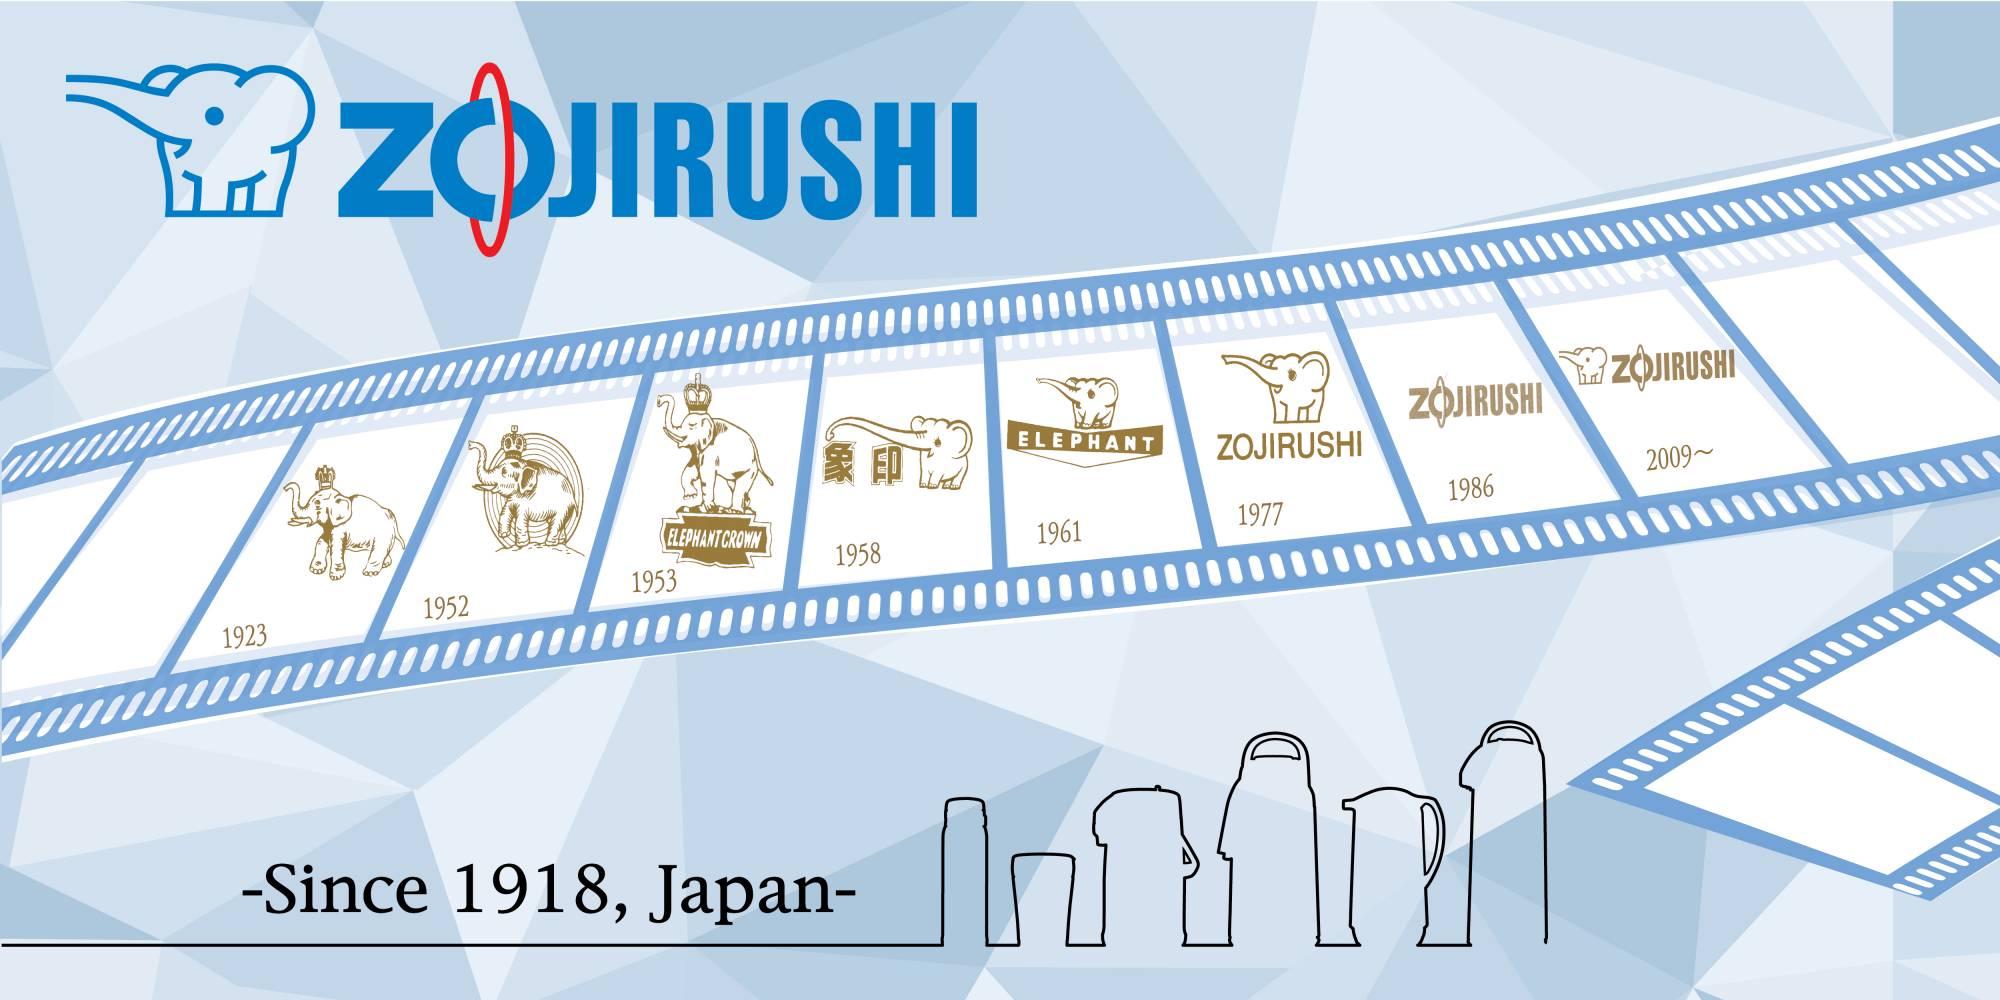 Zojirushi history